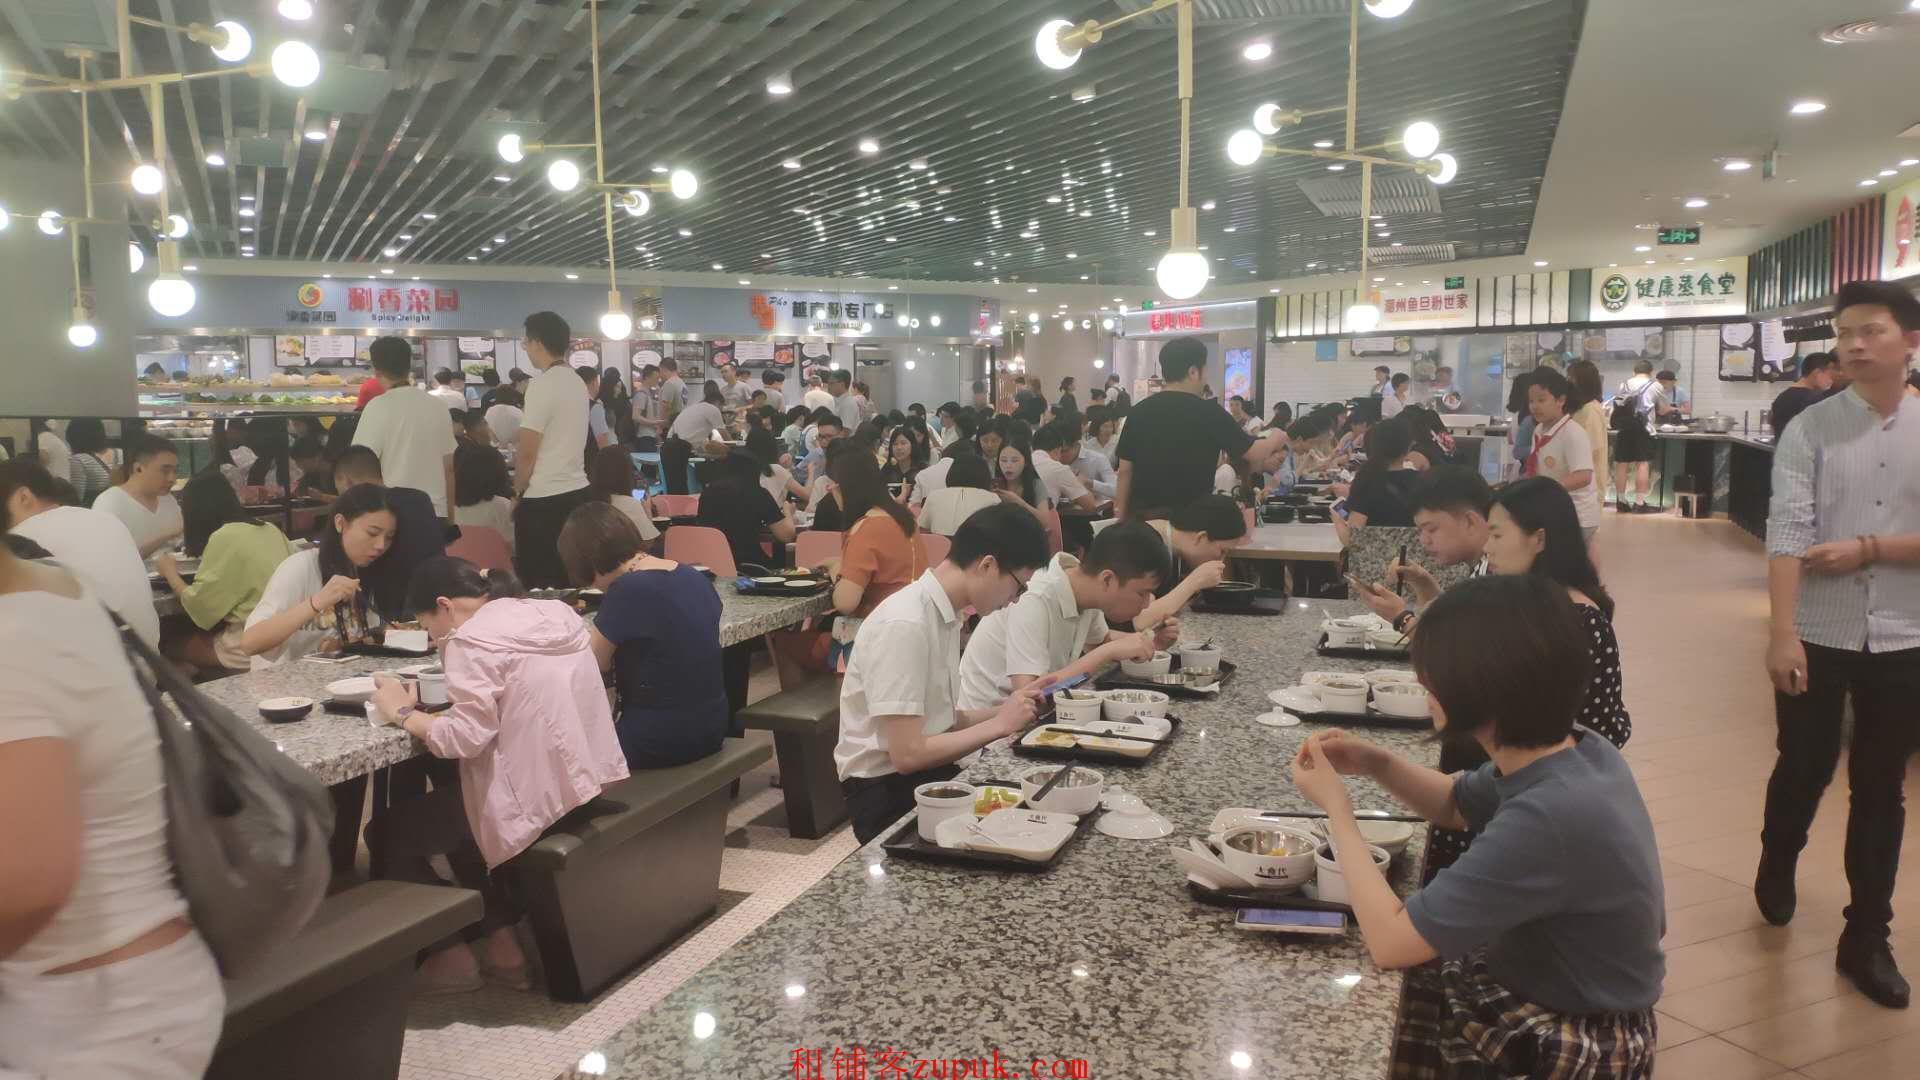 上下九大型美食集市,可串串煲仔饭米粉美味粥汉堡炸鸡等小吃